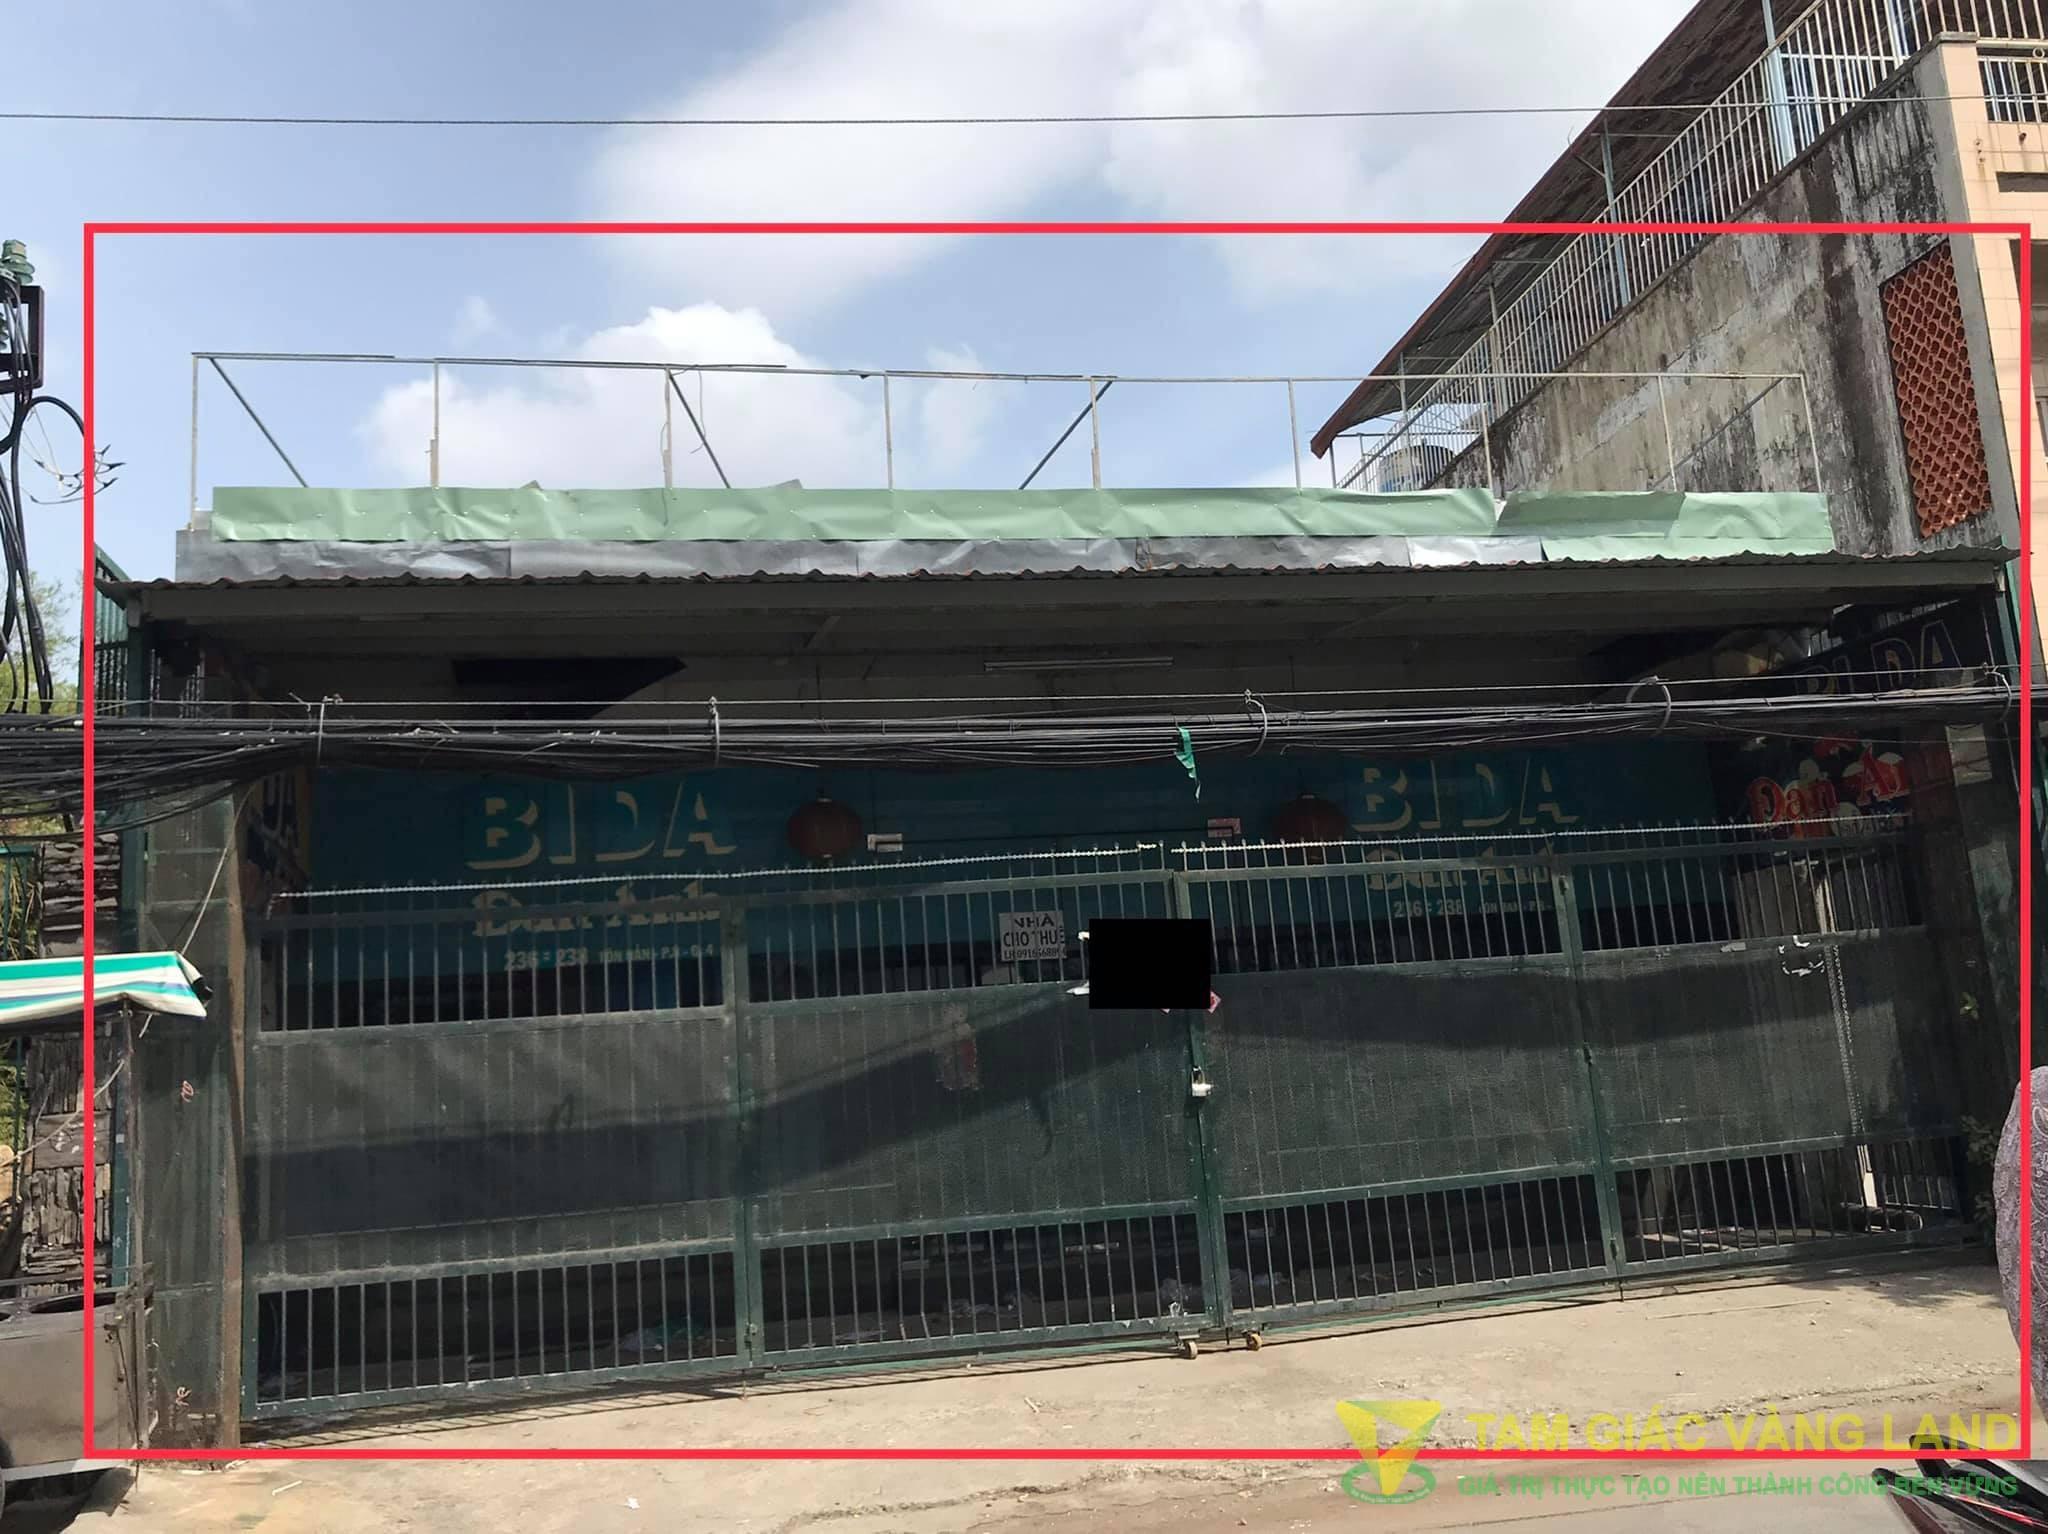 Cho thuê nhà mặt tiền đường Tôn Đản, Phường 8, Quận 4, DT 9x30m, 1 trệt, Giá 90 triệu/tháng